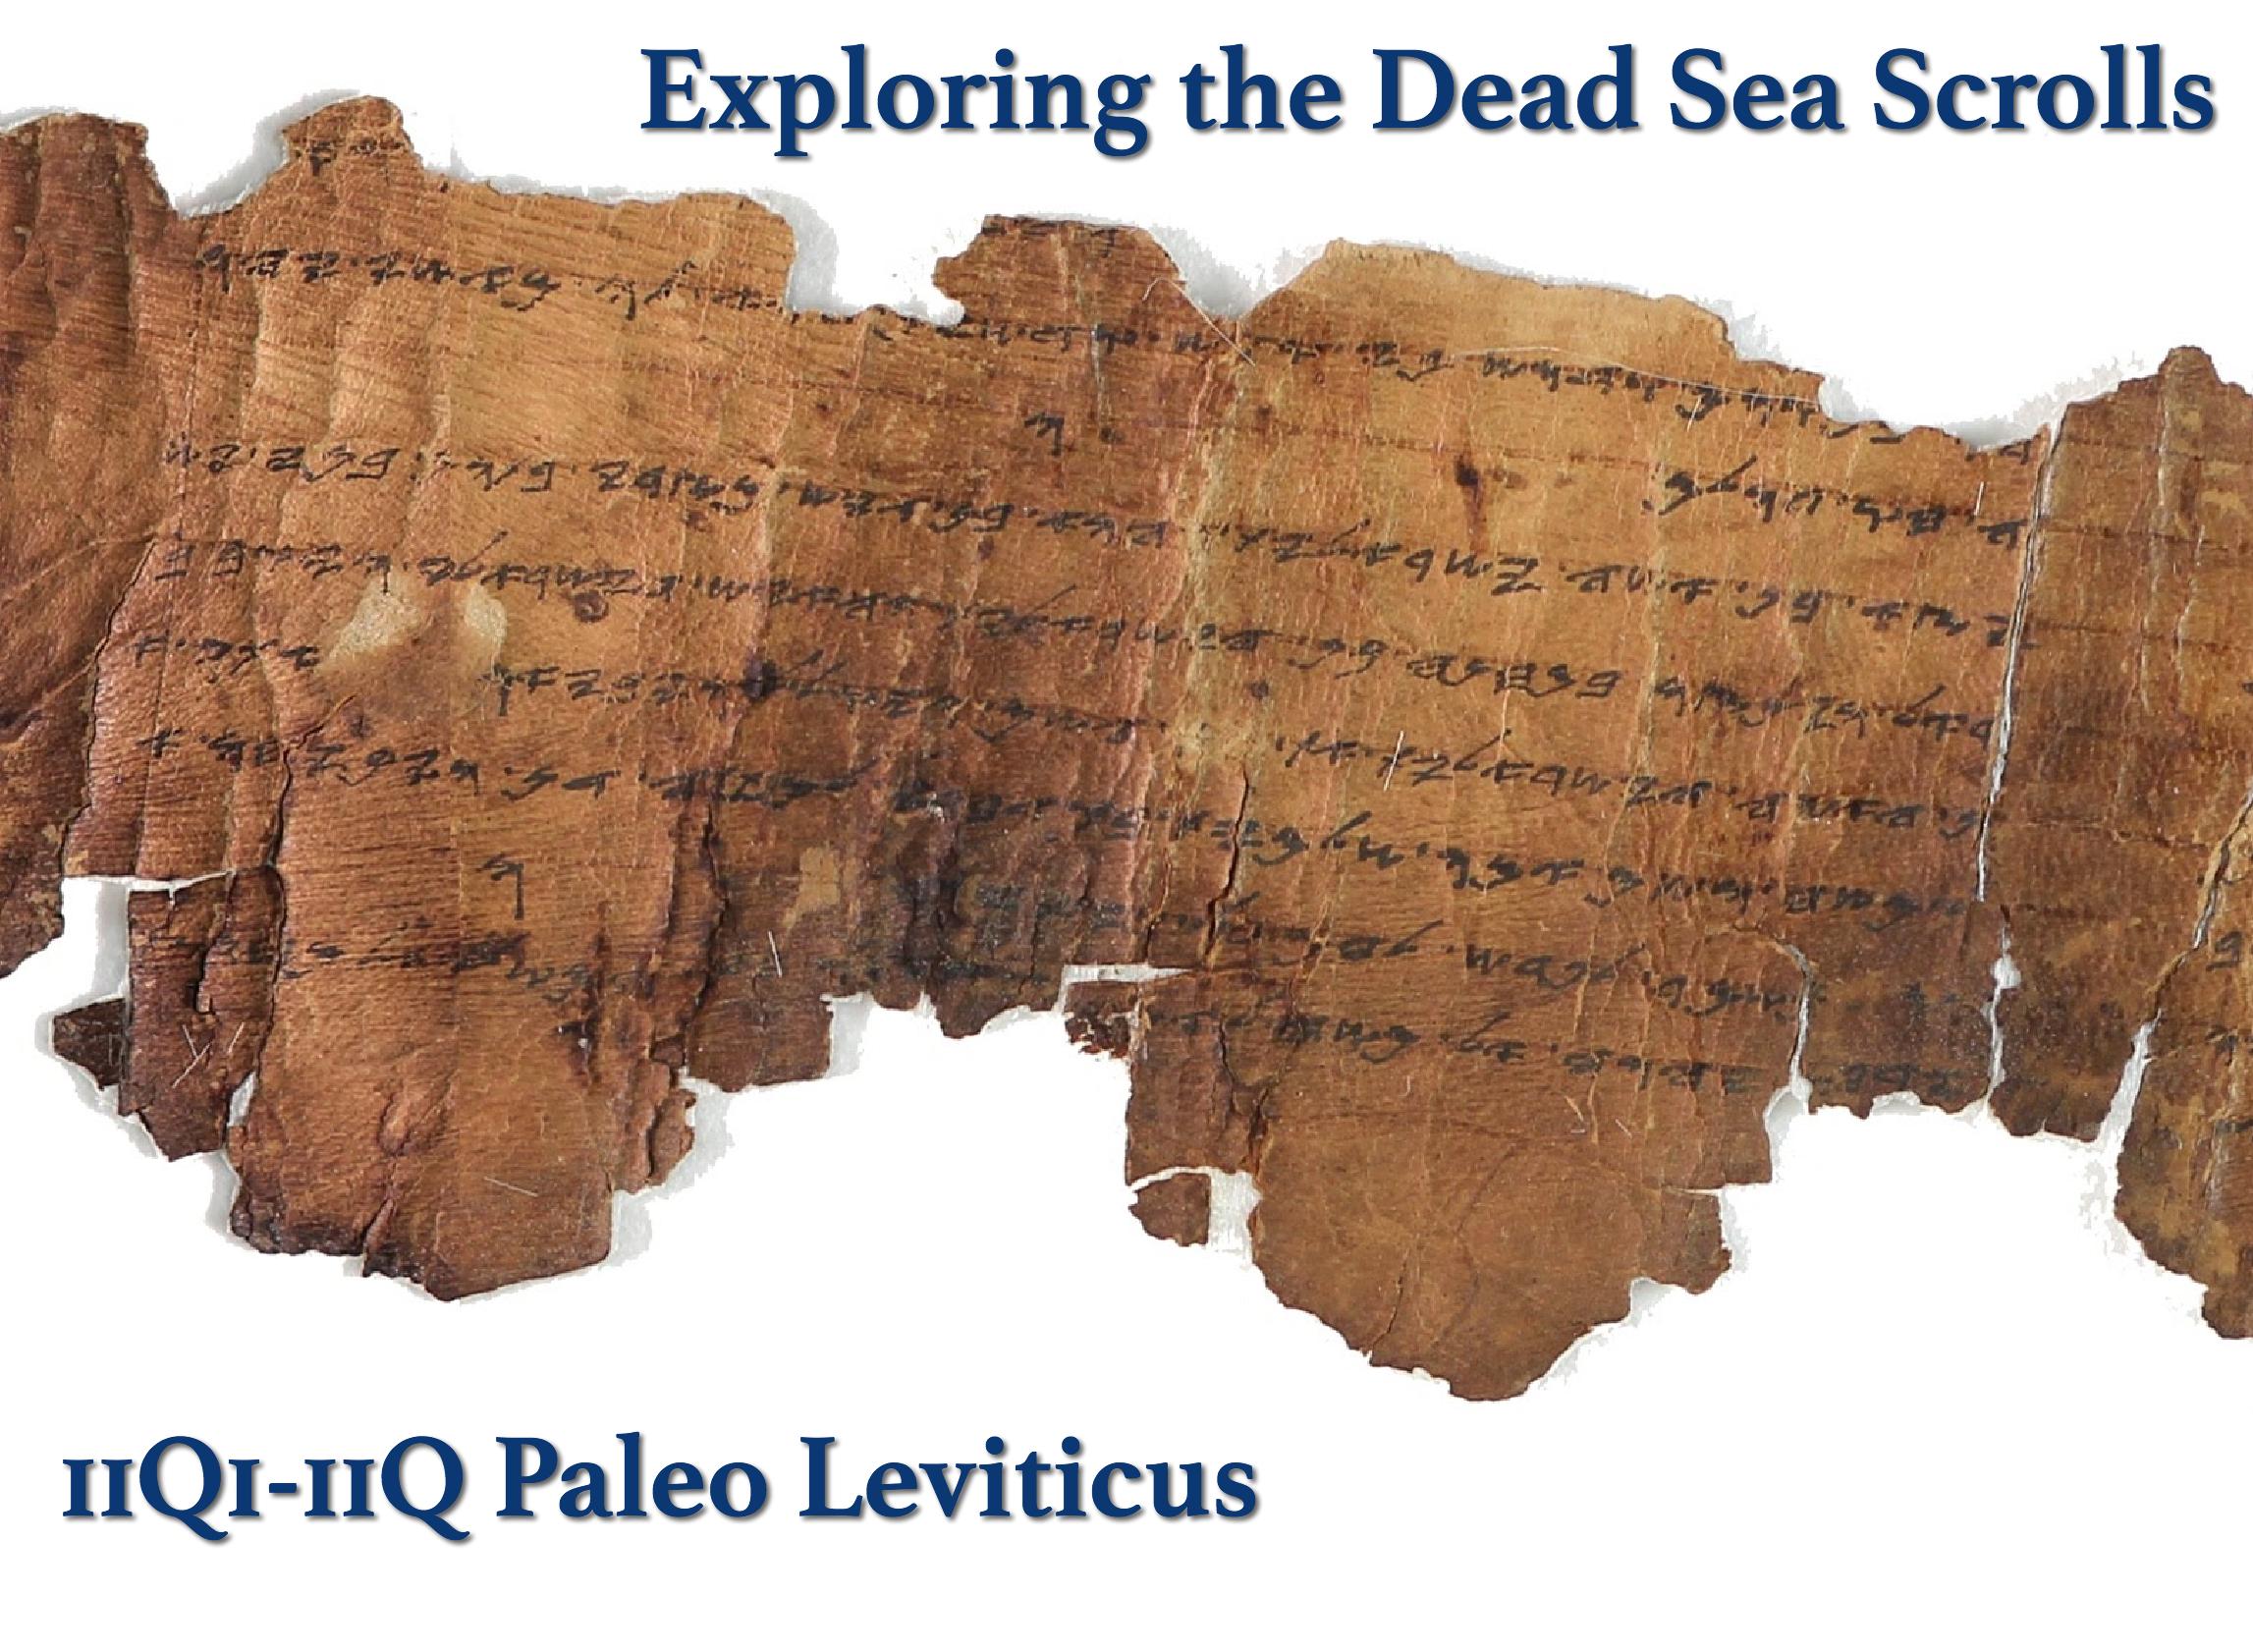 11Q1 Paleo Leviticus